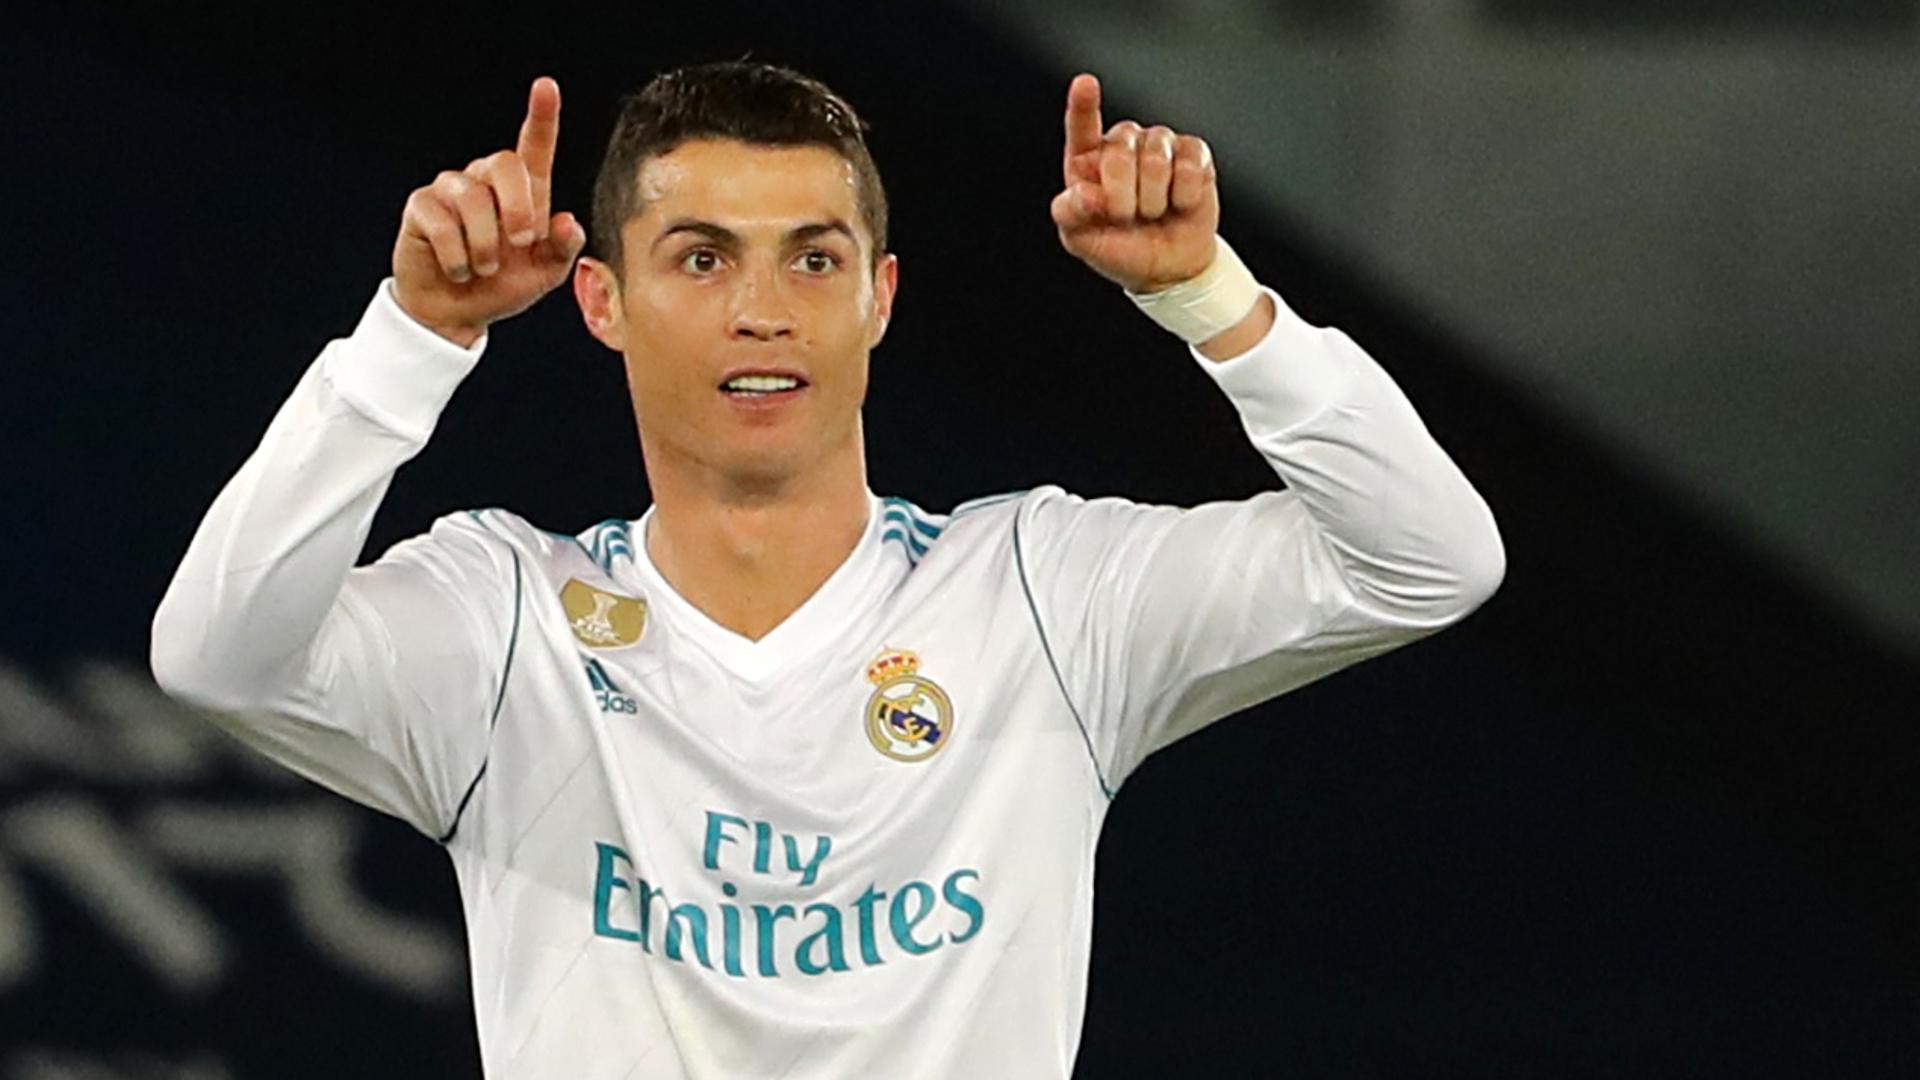 Giúp Real vô địch FIFA Club World Cup, Ronaldo muốn cầu thủ Barca thực hiện ngay nghi thức này tại El Clasico?